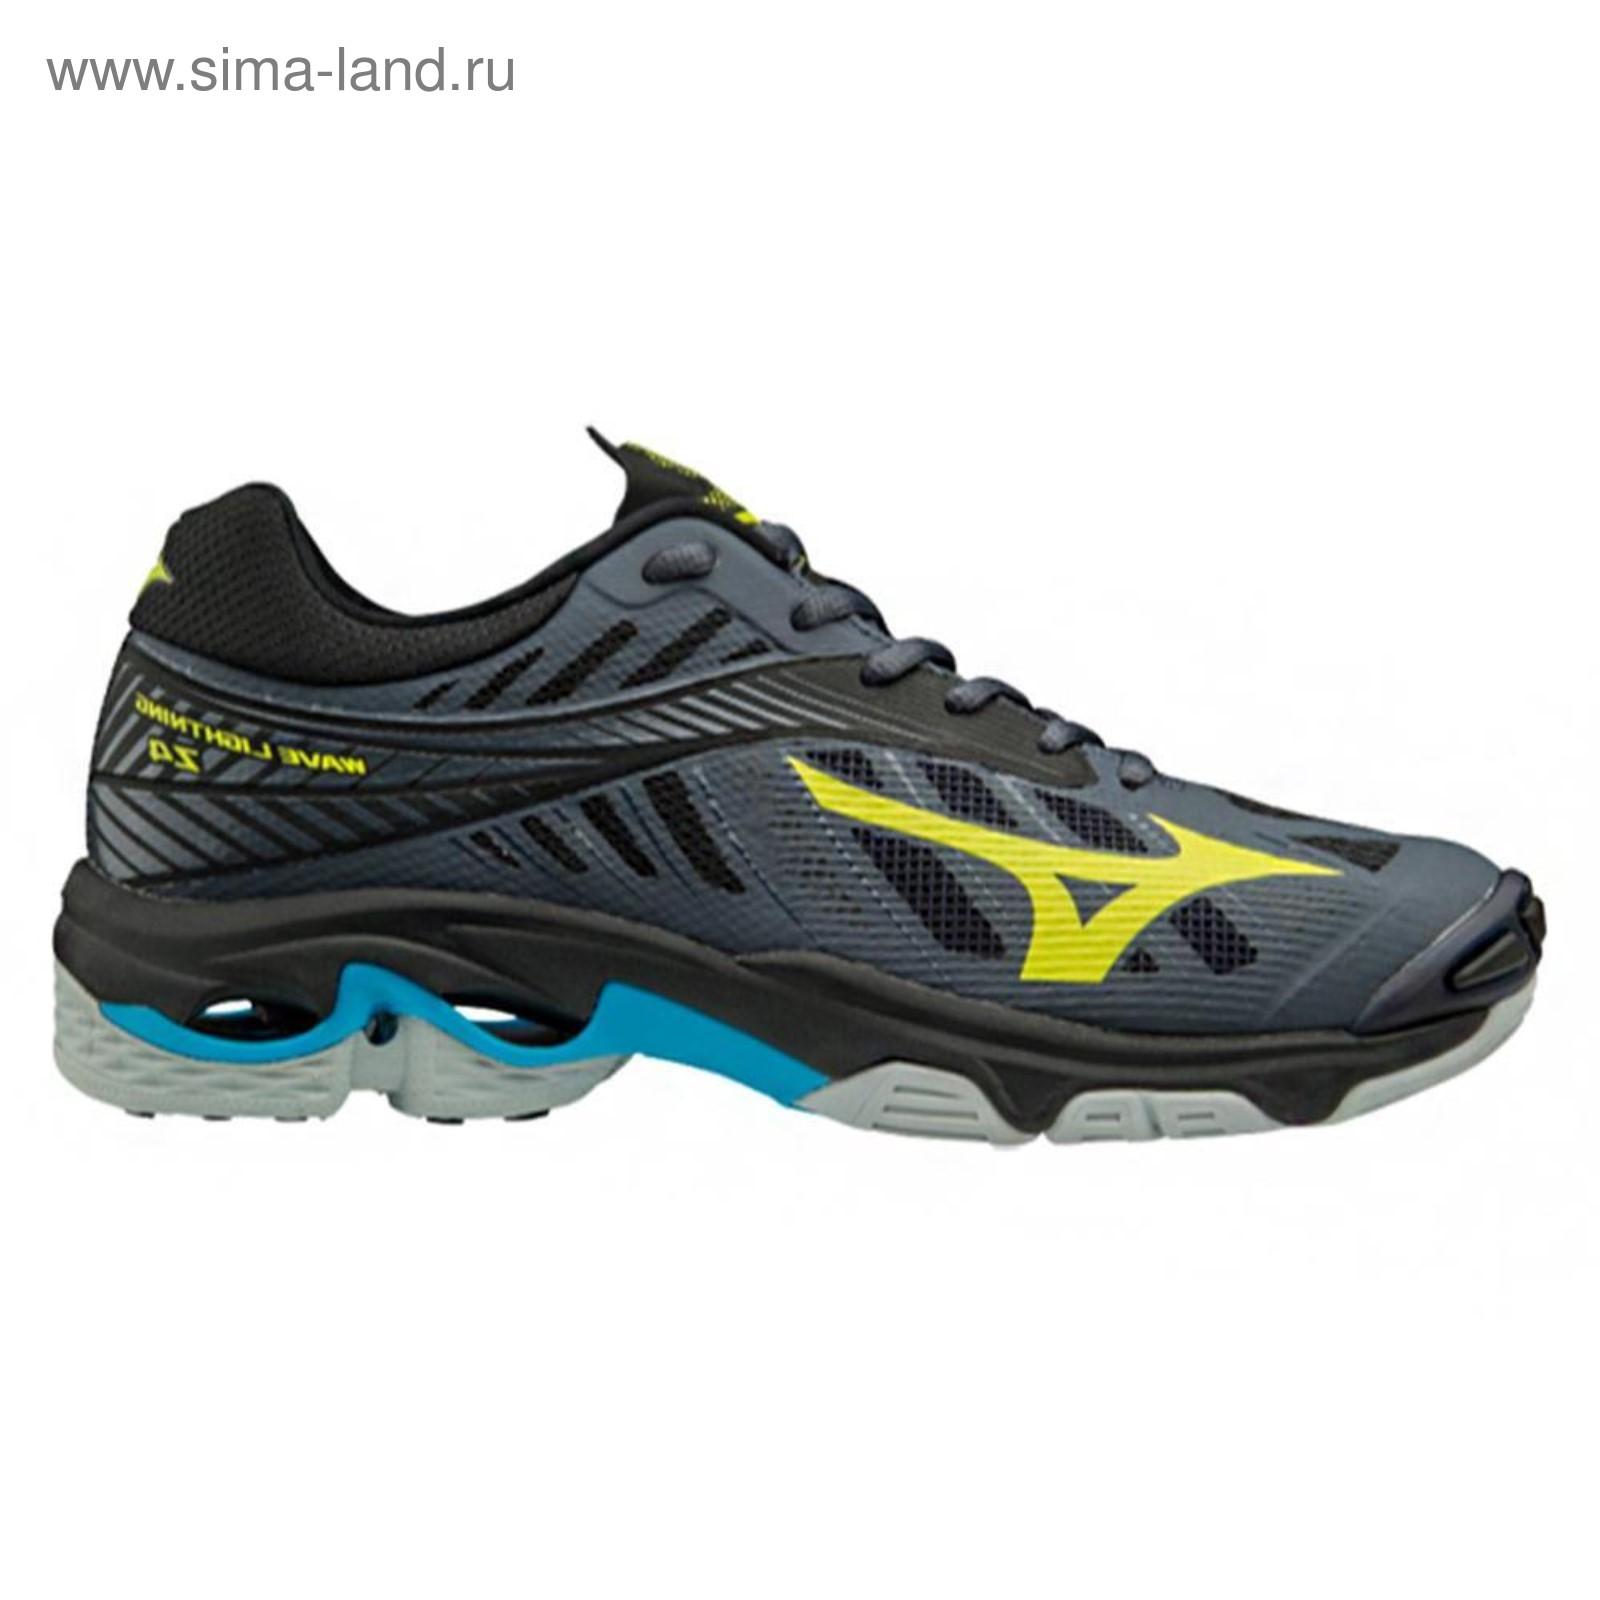 458e22d9 Кроссовки волейбольные MIZUNO V1GA1800 47 WAVE LIGHTNING Z4, размер 10,5